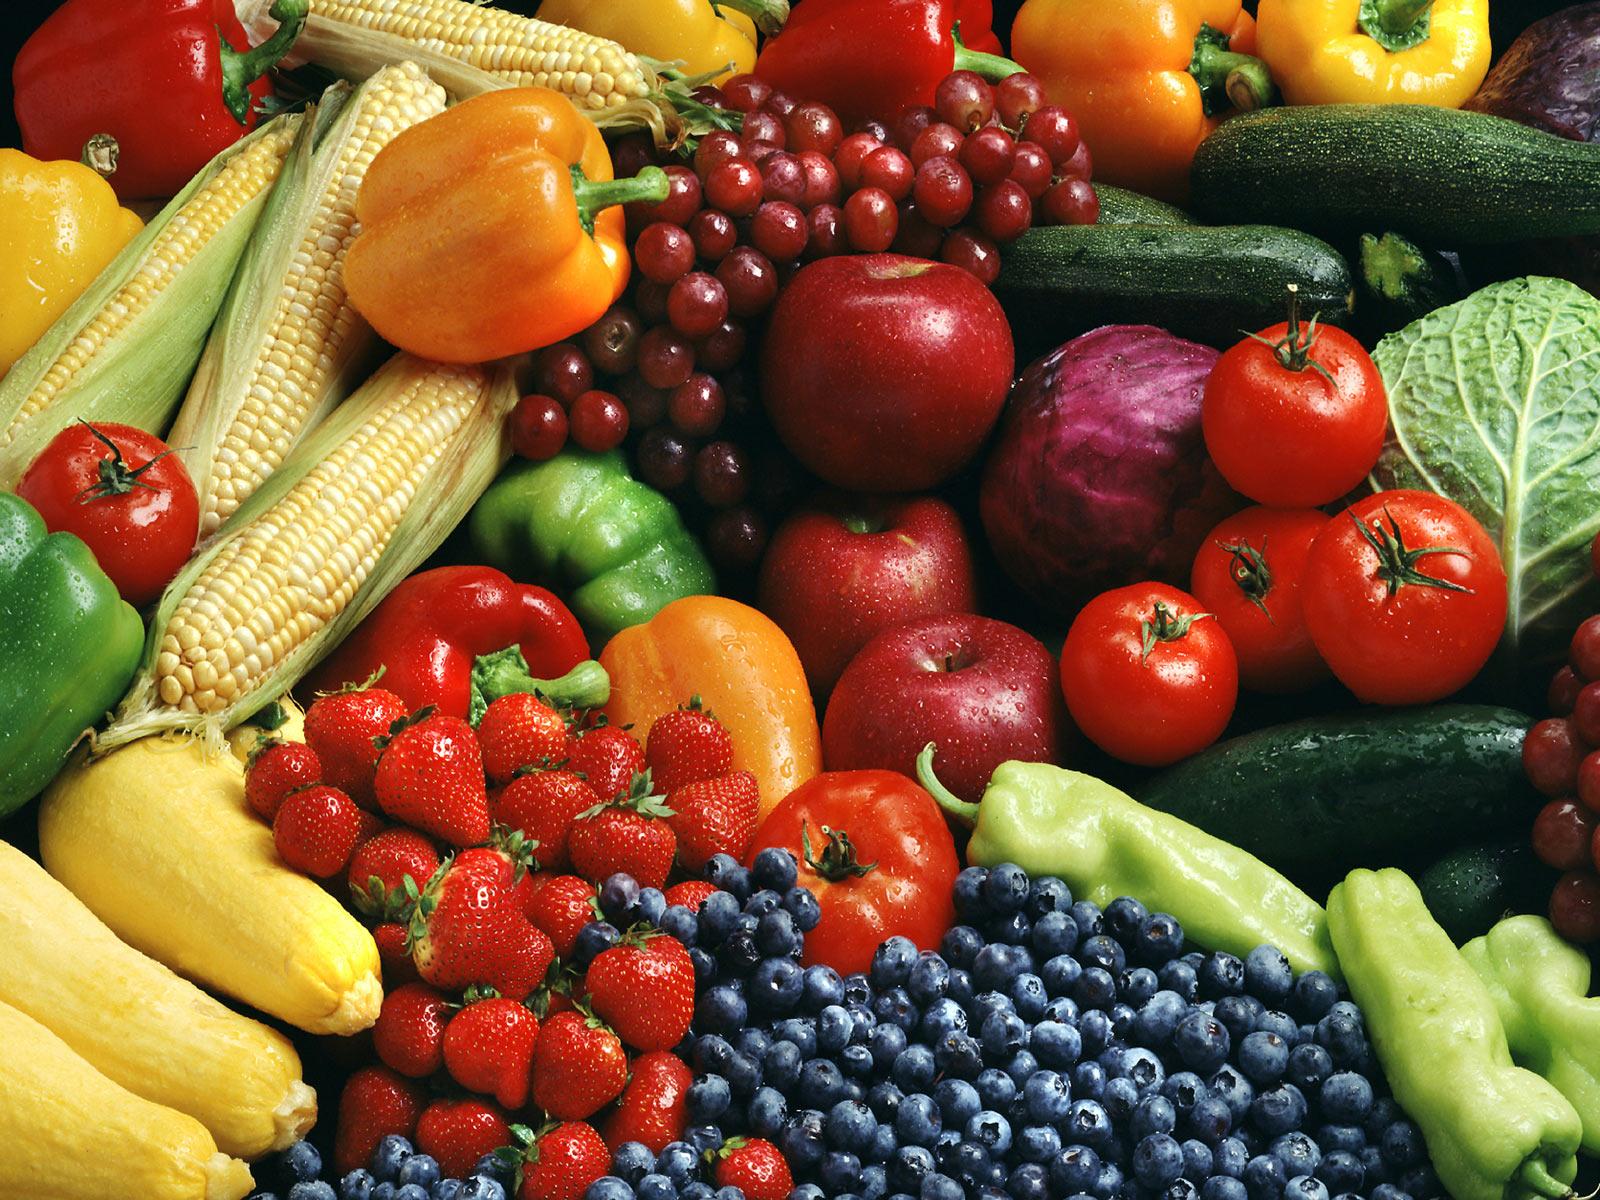 吃了近30年蕃茄、大蒜、黑木耳,这才明白就里! - 纽约文摘 - 纽约文摘